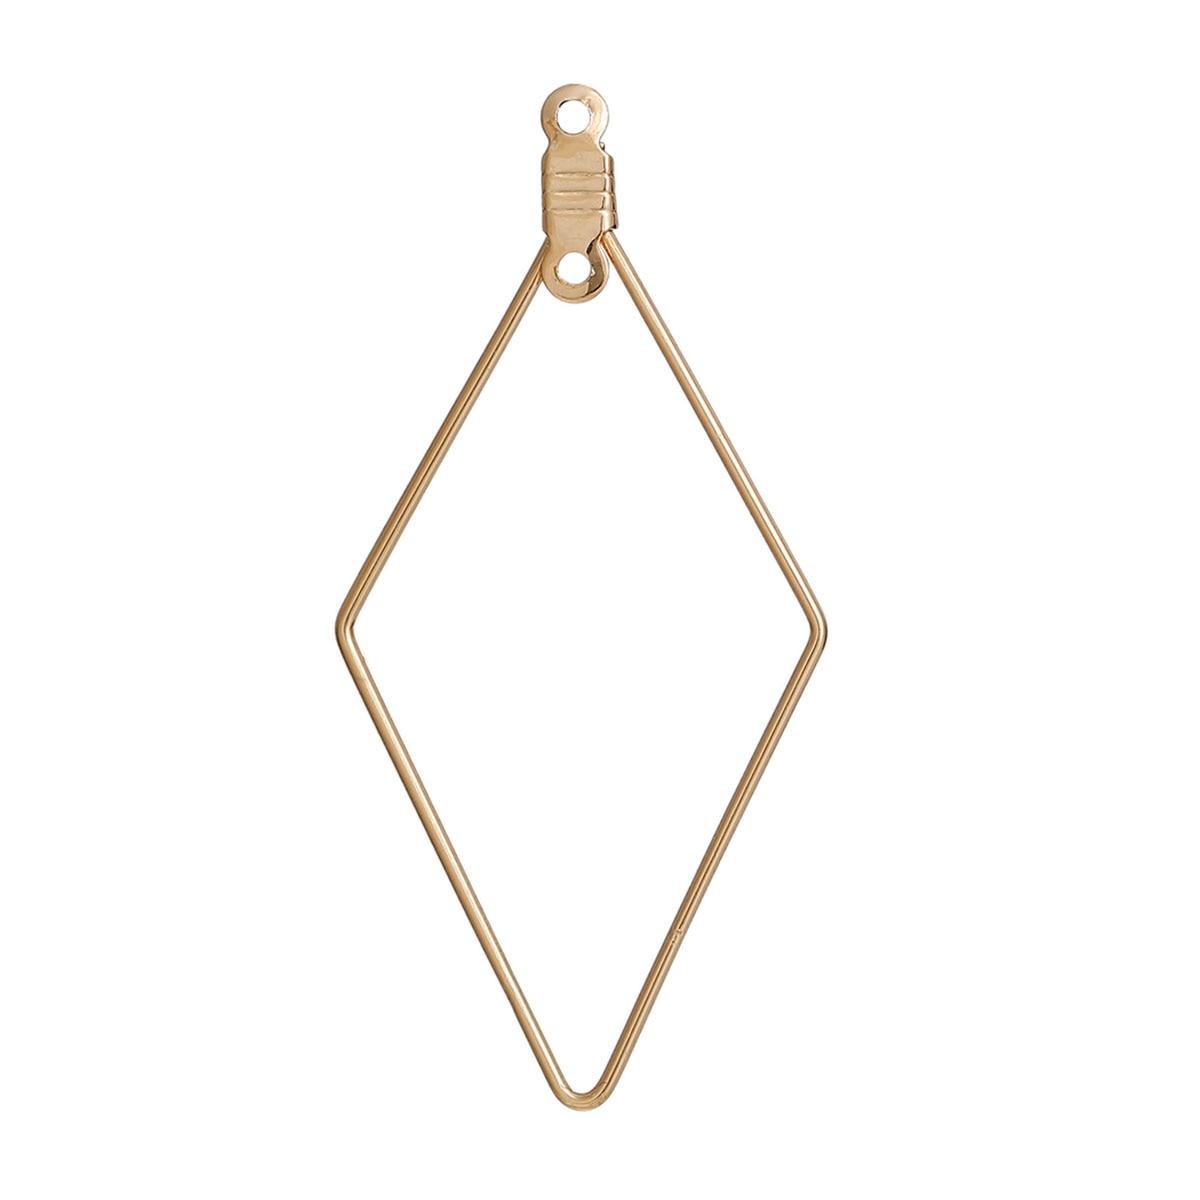 Doreen Box Copper Earring Components Pendants Geometric Rhombus Gold color 46mm(1 6/8) x 22mm( 7/8),10 PCs 2017 new